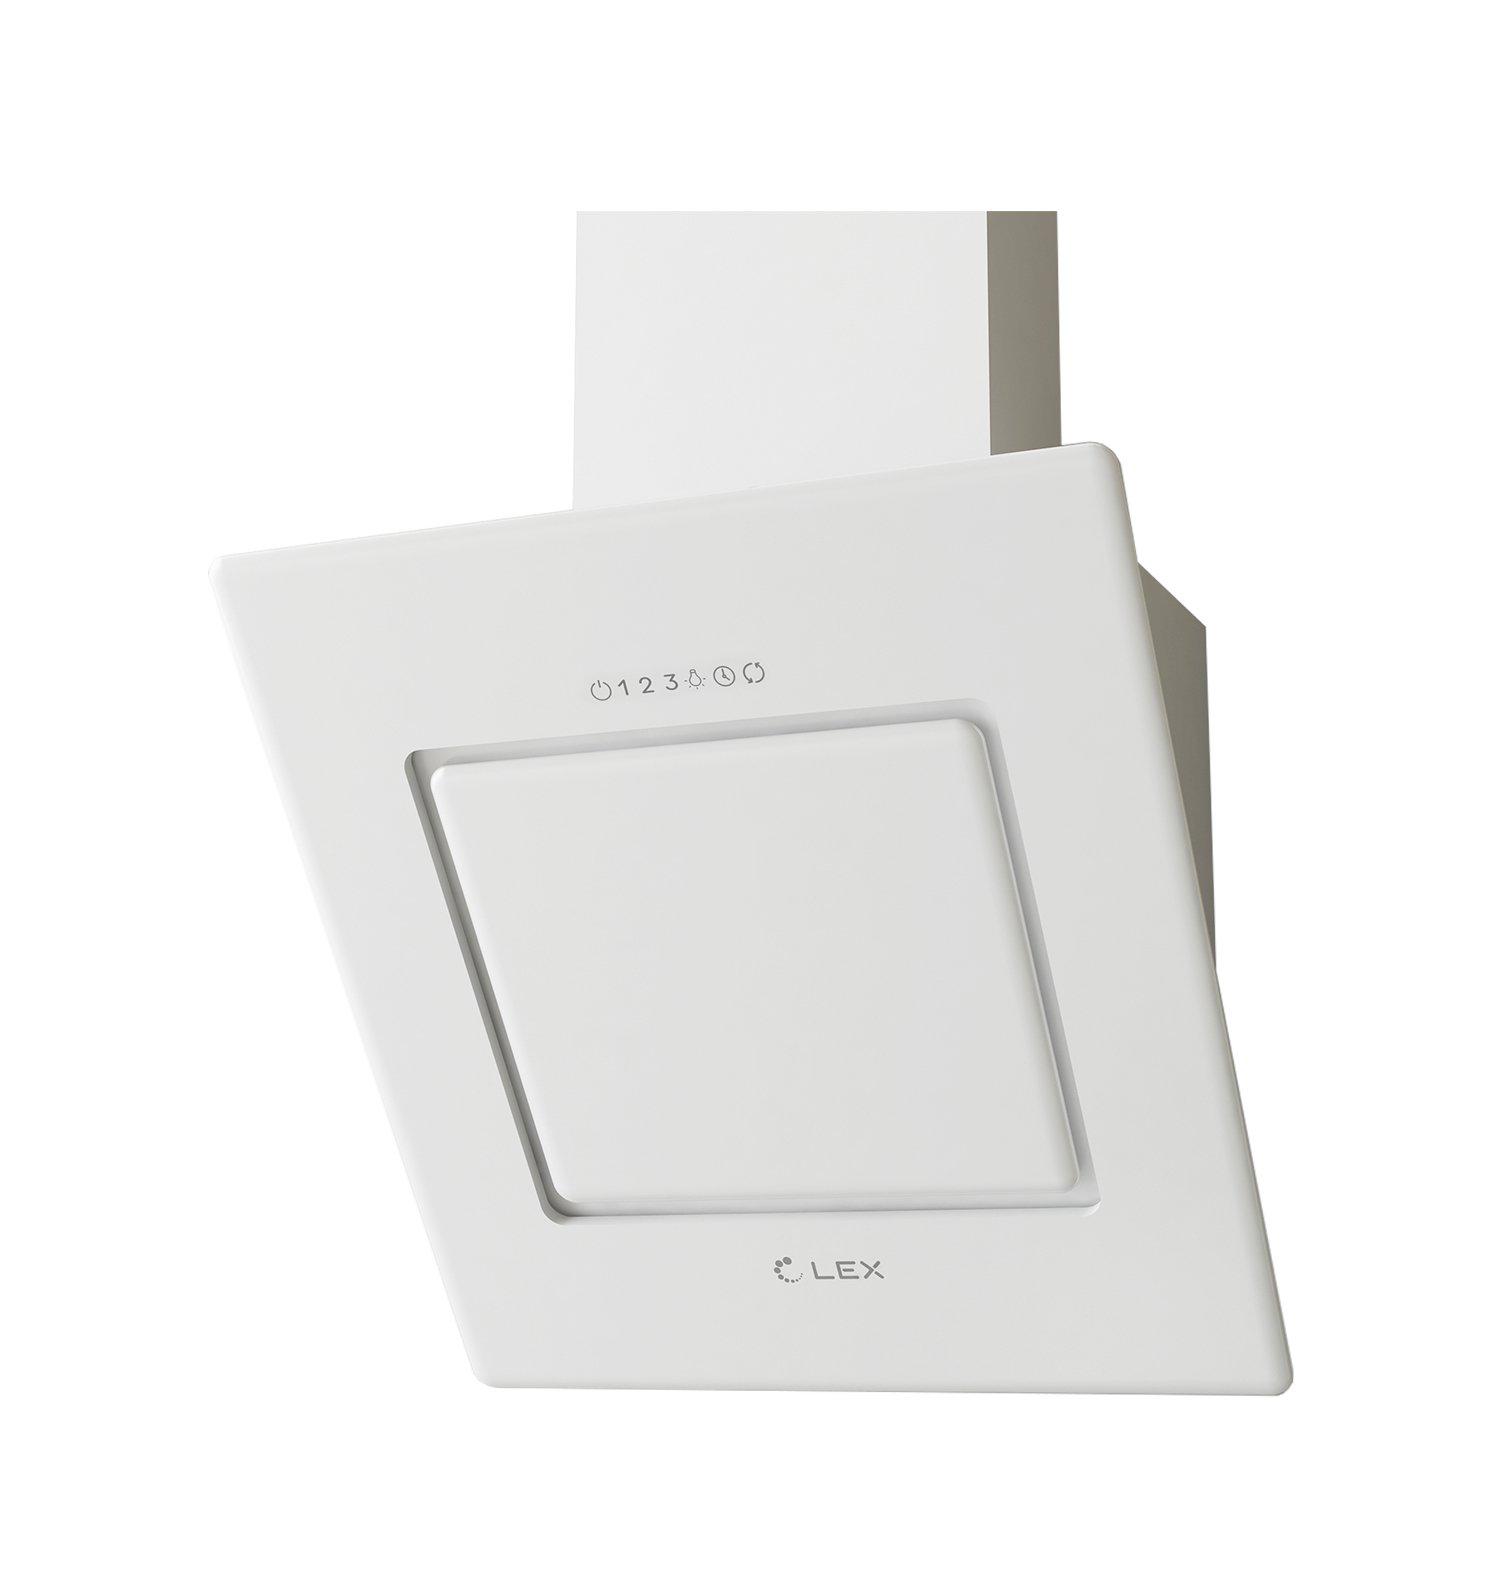 LEX Leila 600 White